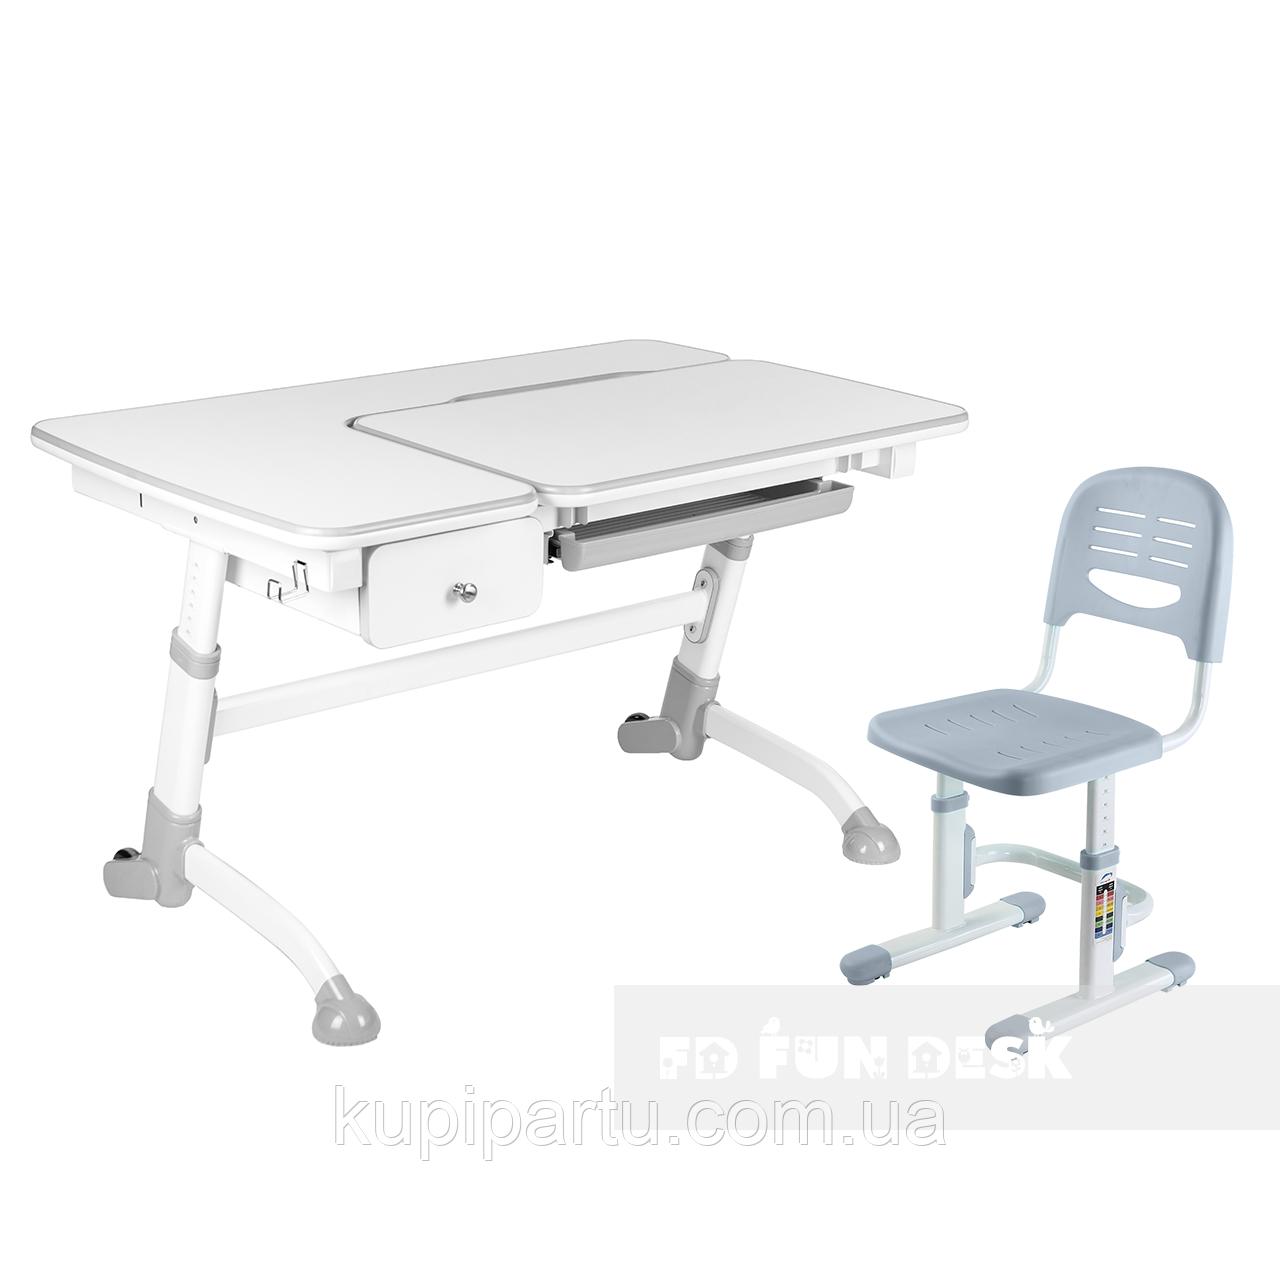 Комплект подростковая парта Amare Grey с выдвижным ящиком + детский стул SST3 Grey FunDesk